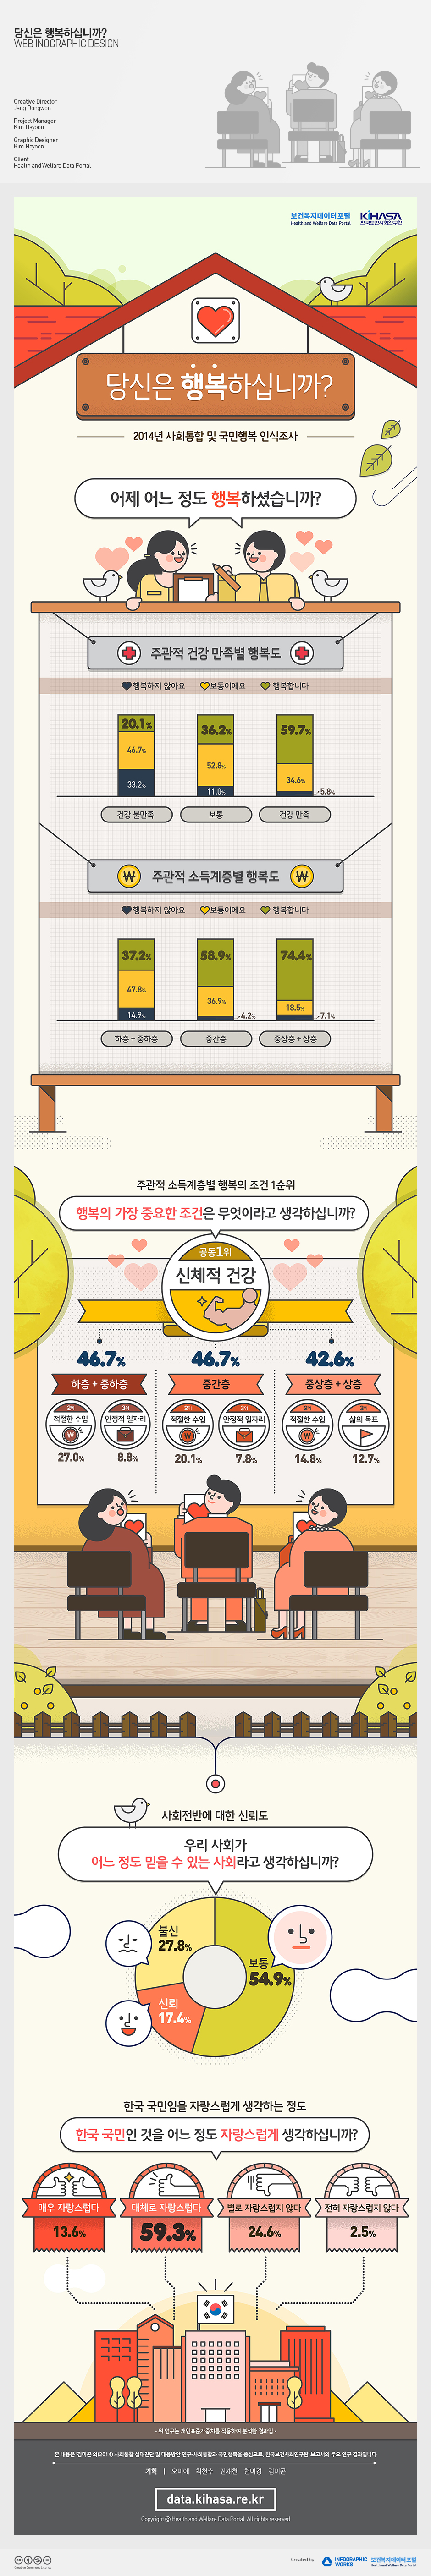 한국보건사회연구원_행복